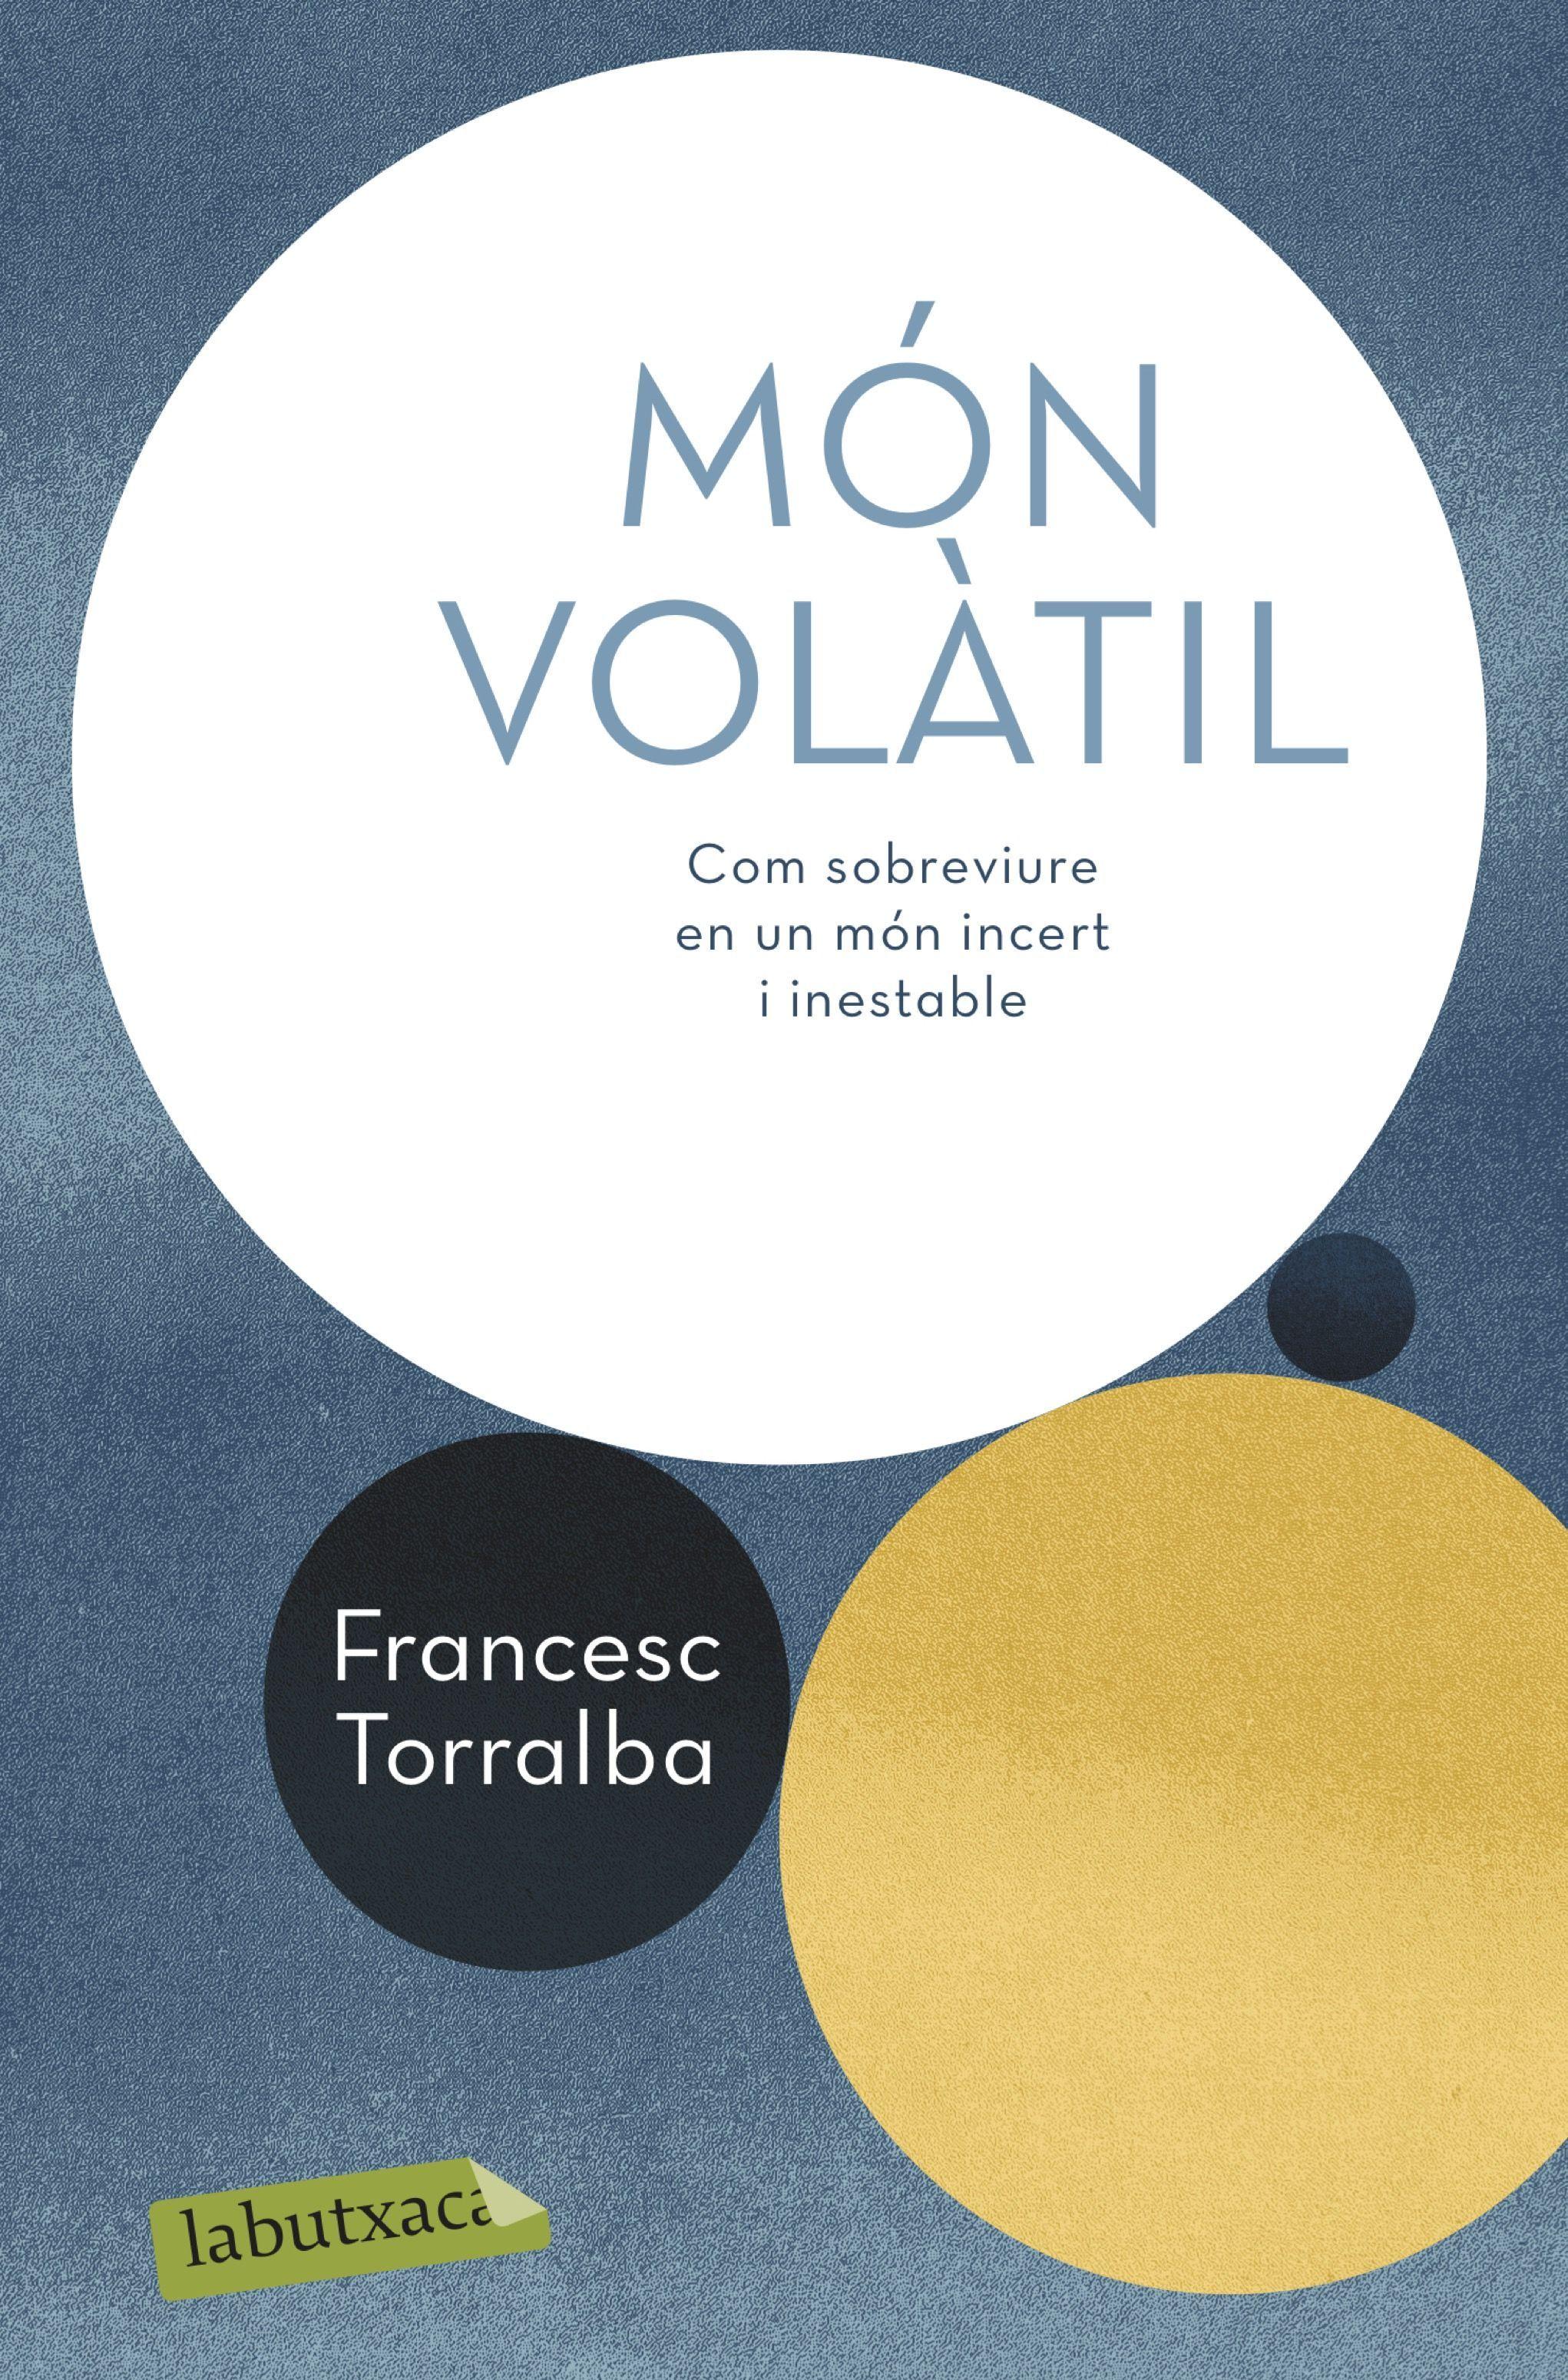 MON VOLATIL